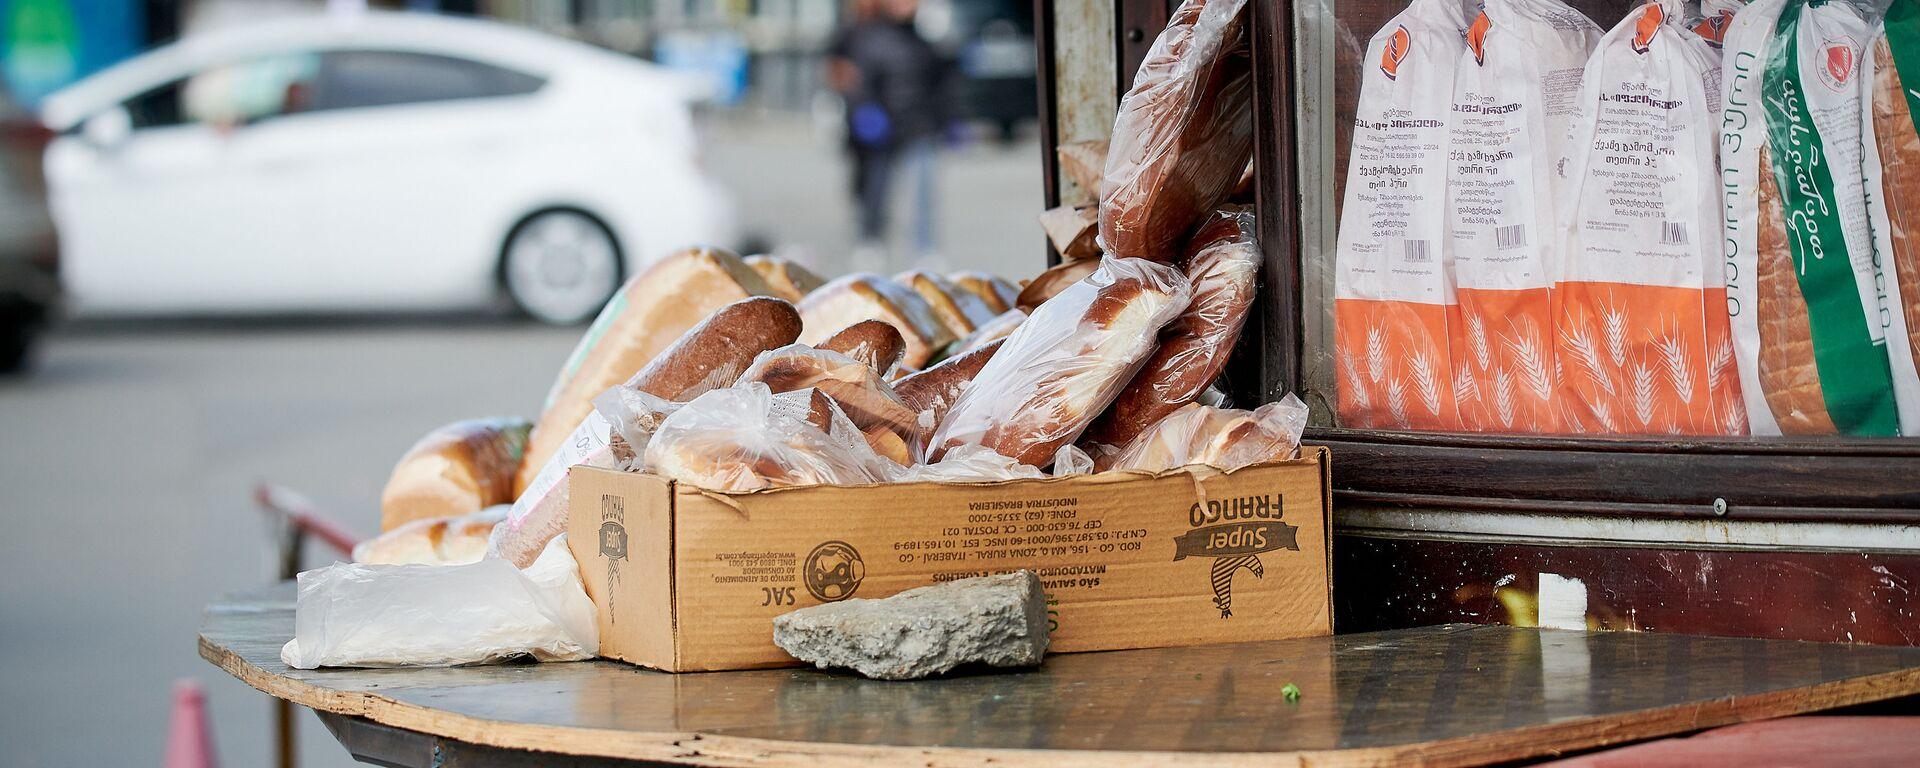 Хлеб в уличном киоске на рынке - Sputnik Грузия, 1920, 04.08.2021